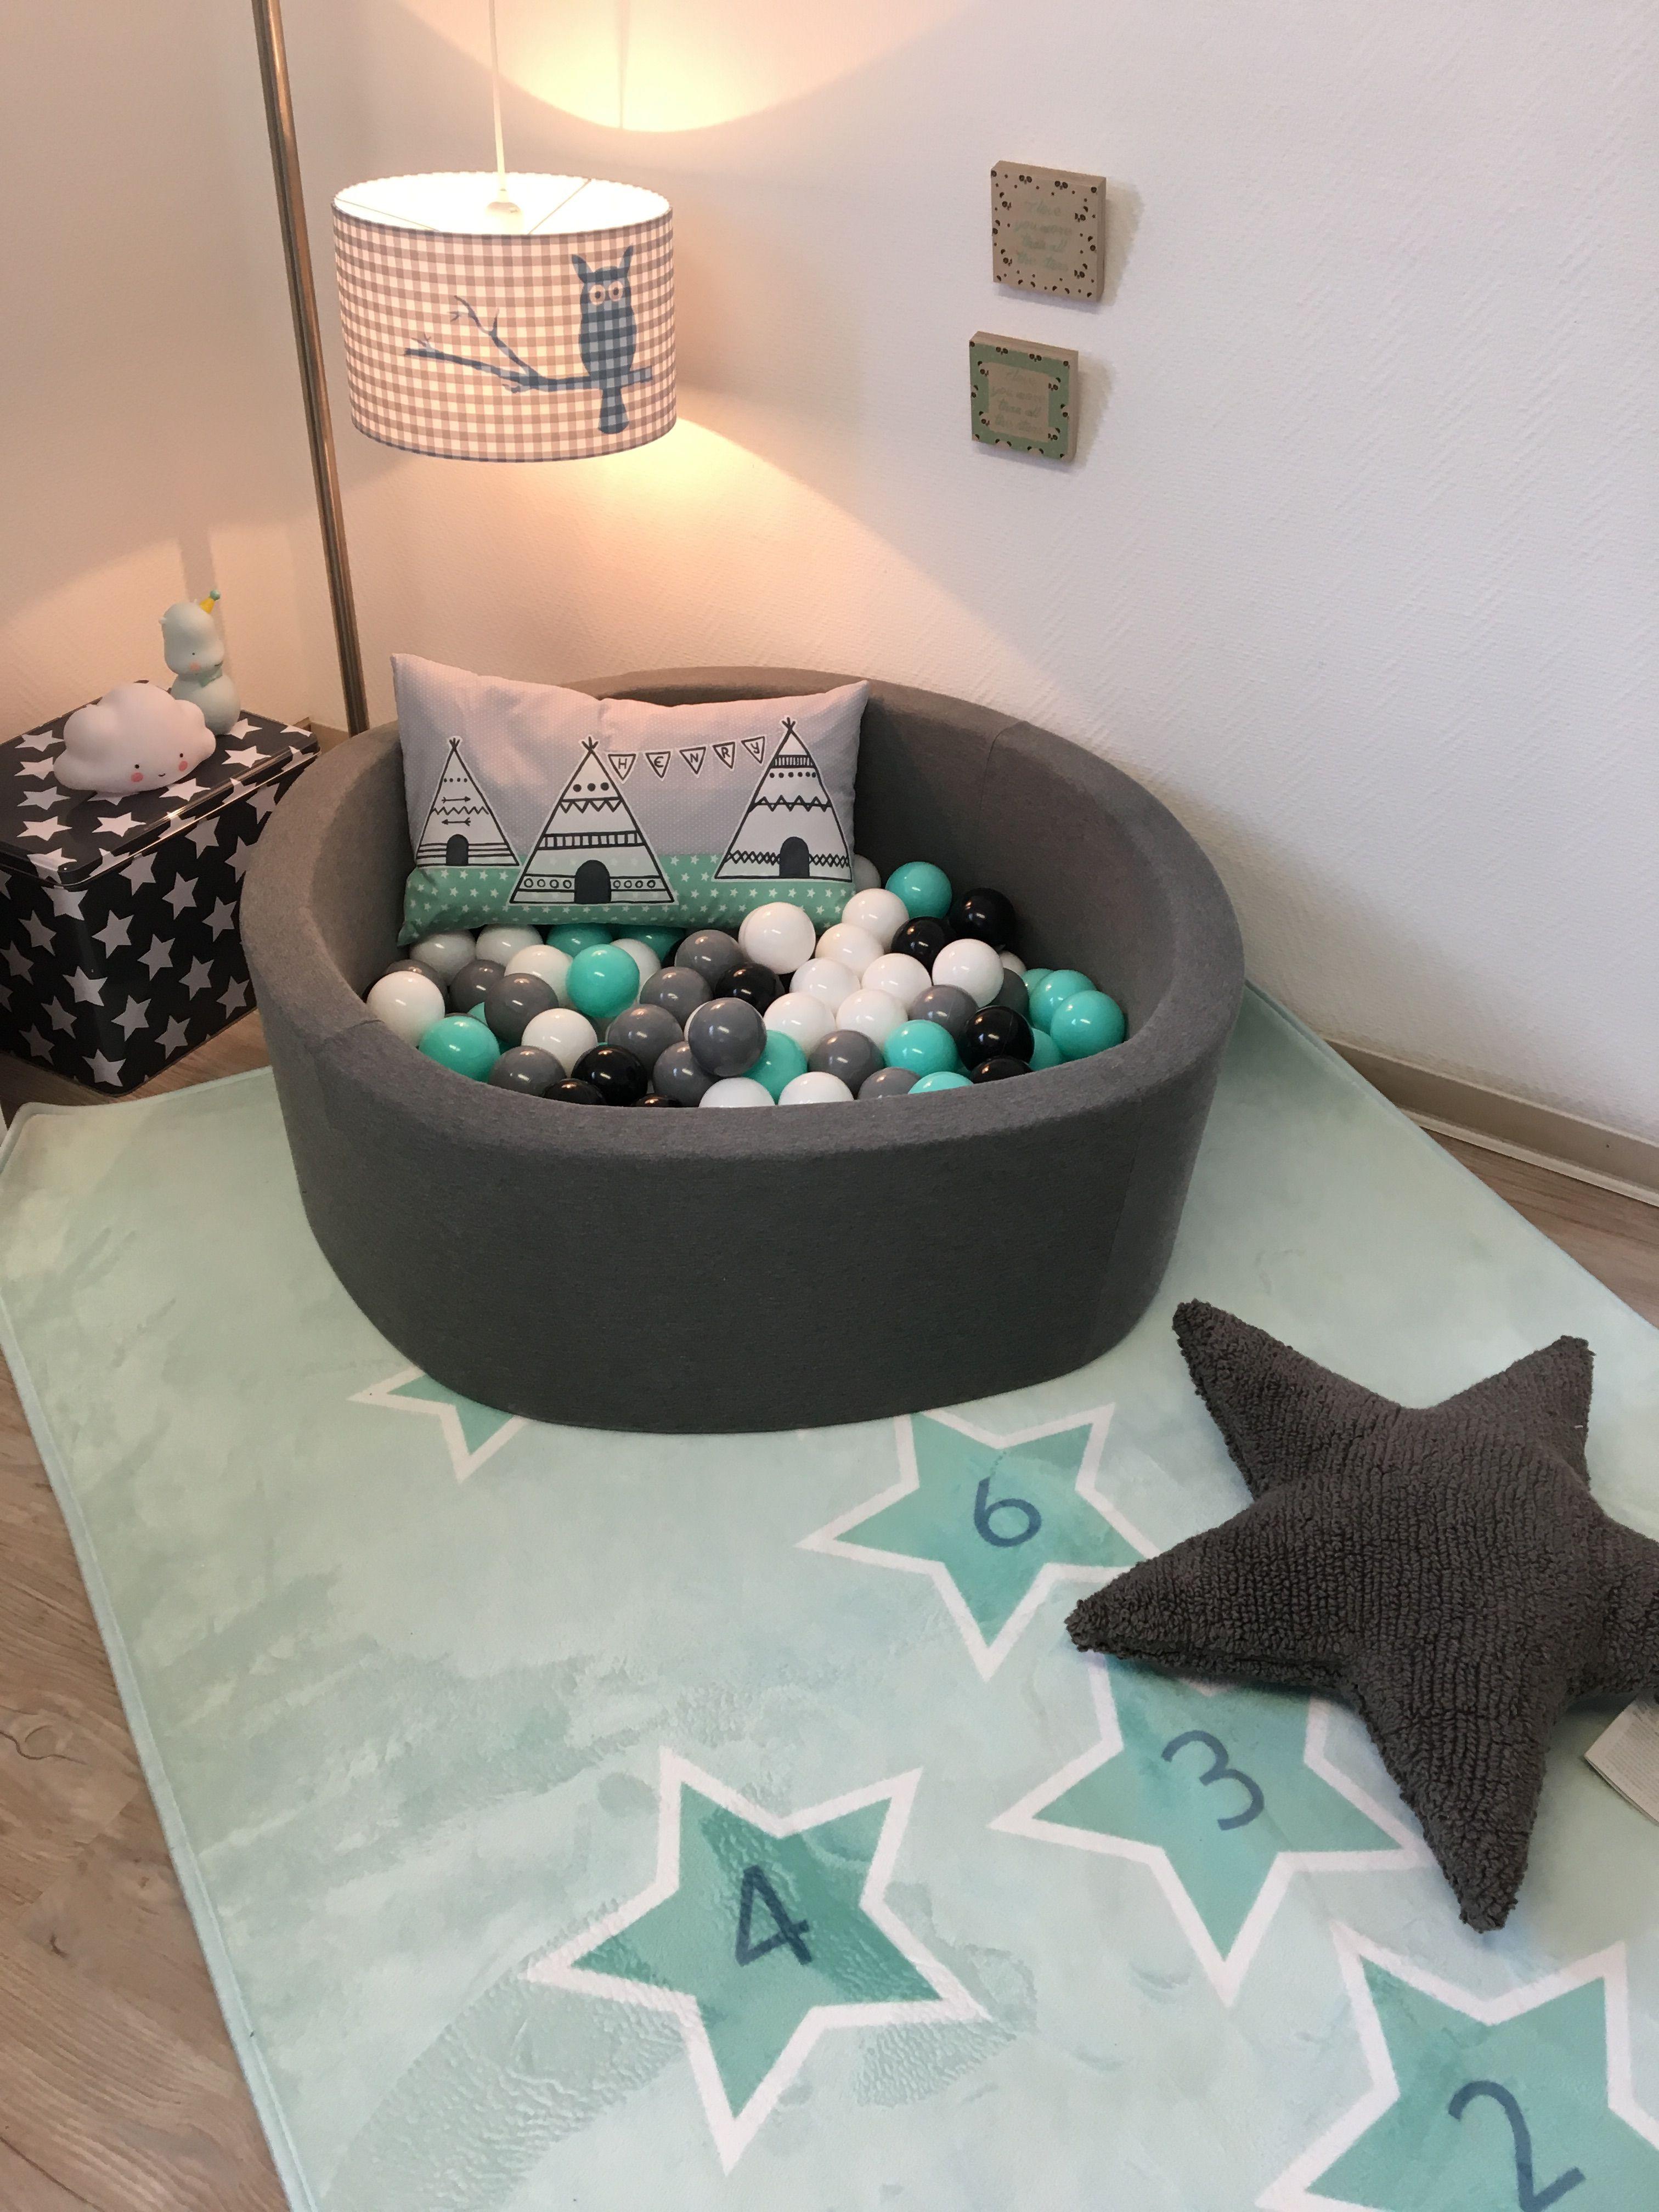 Wundervolles Bällebad - in Farben ganz nach Wunsch zusammen stellen ...